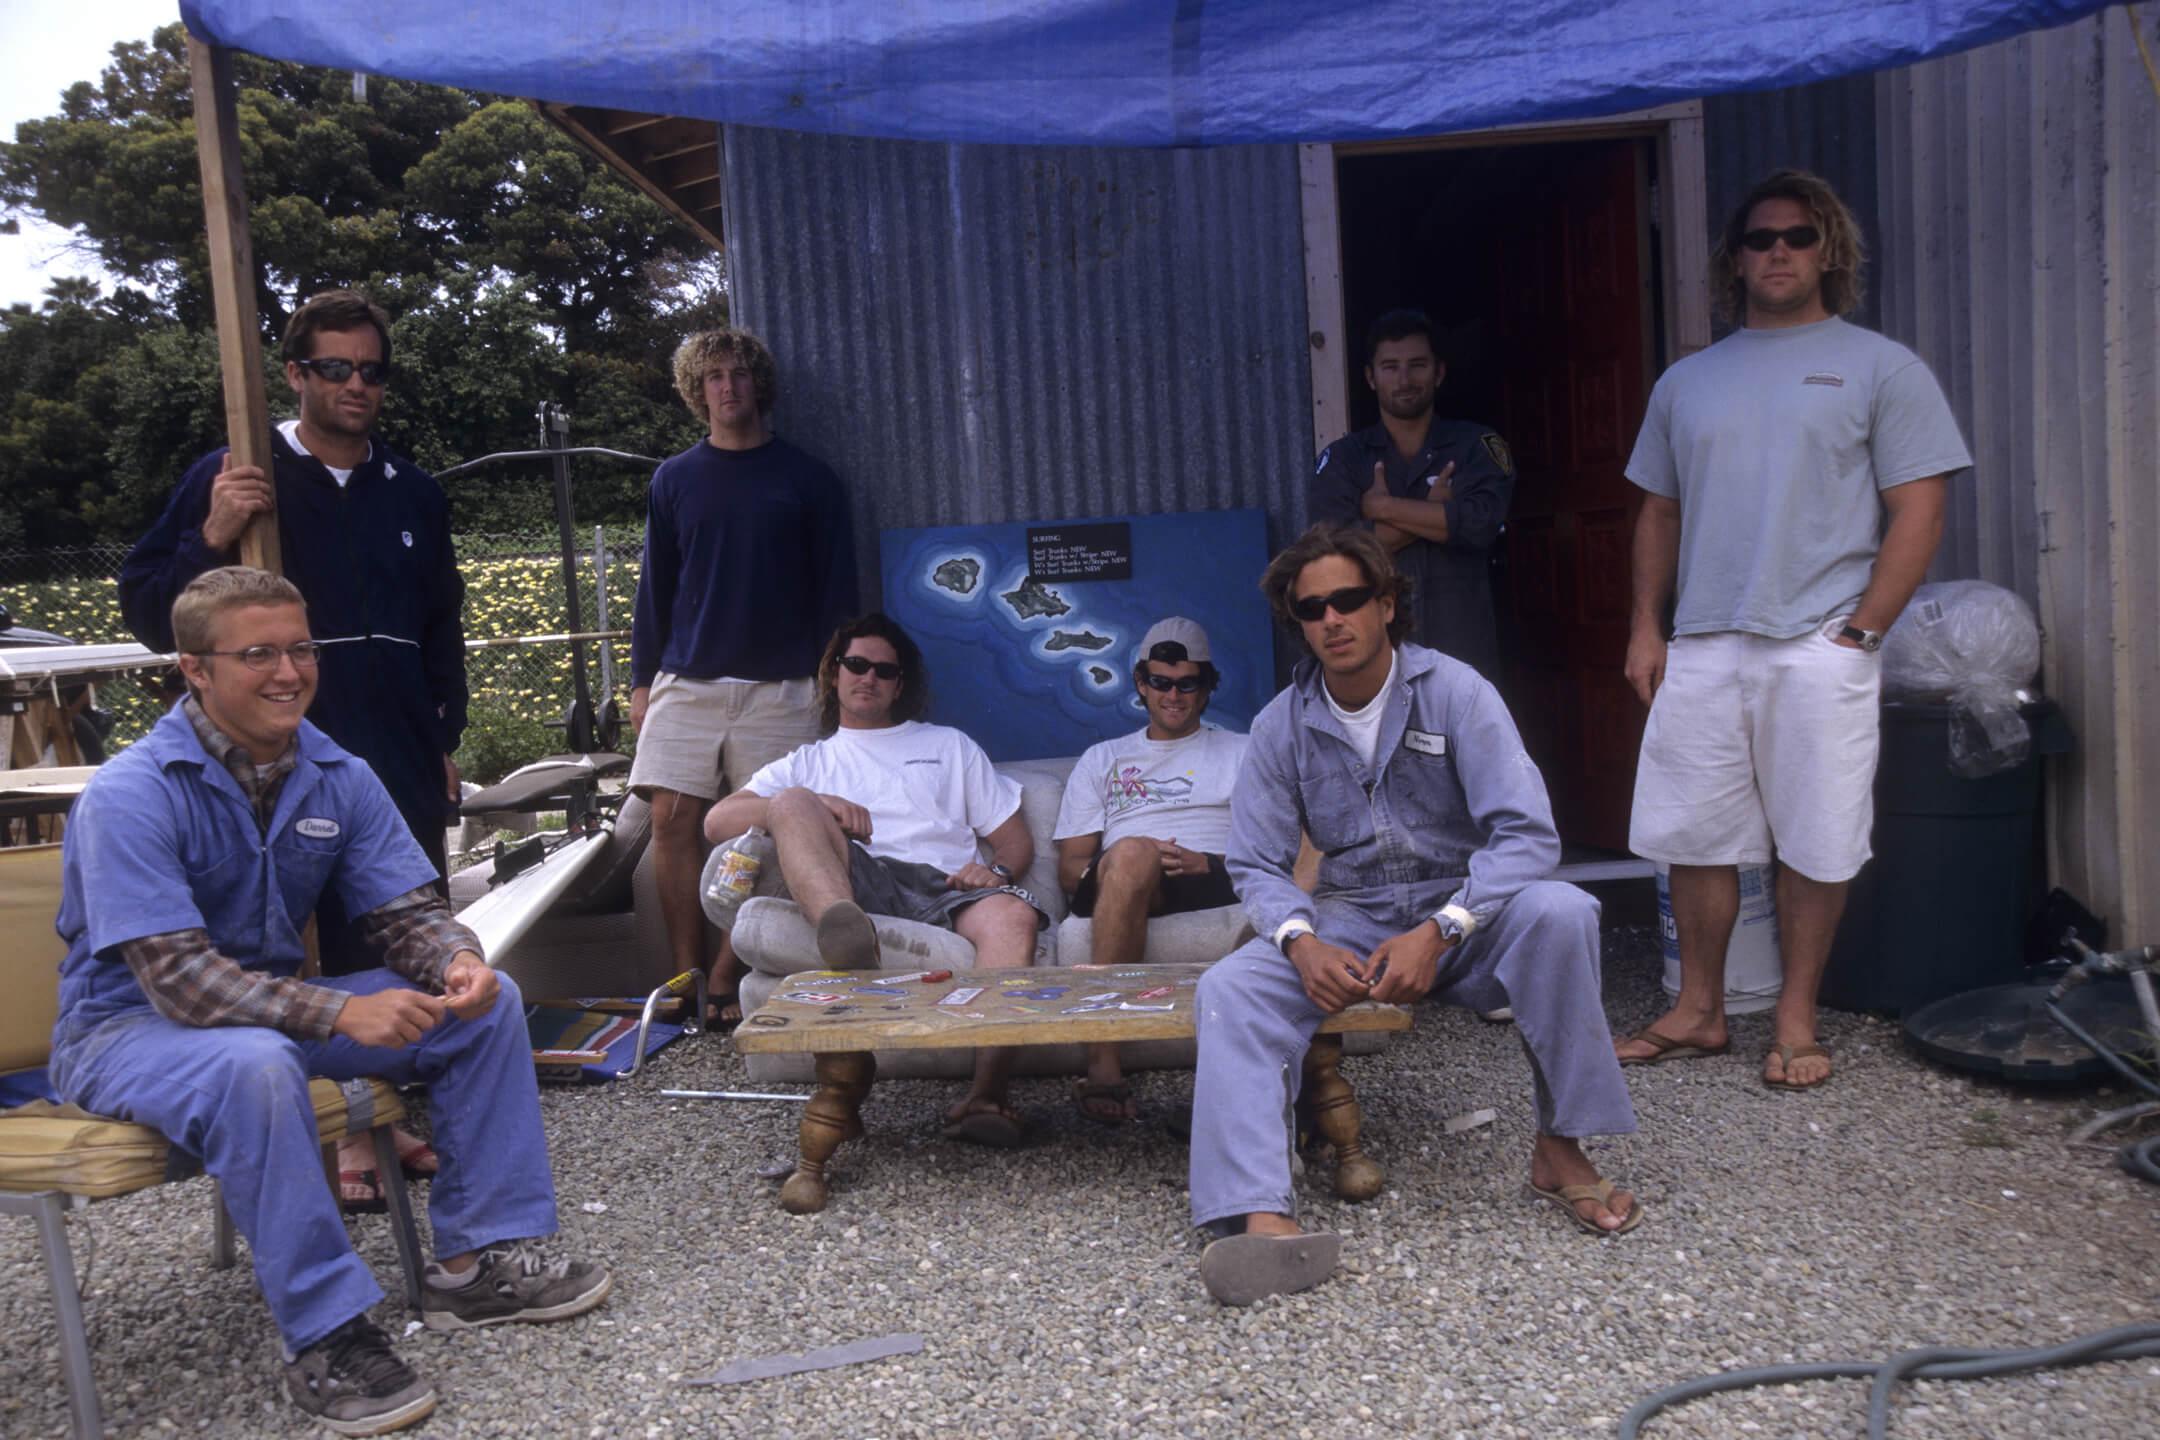 Shop crew, circa late '90s.